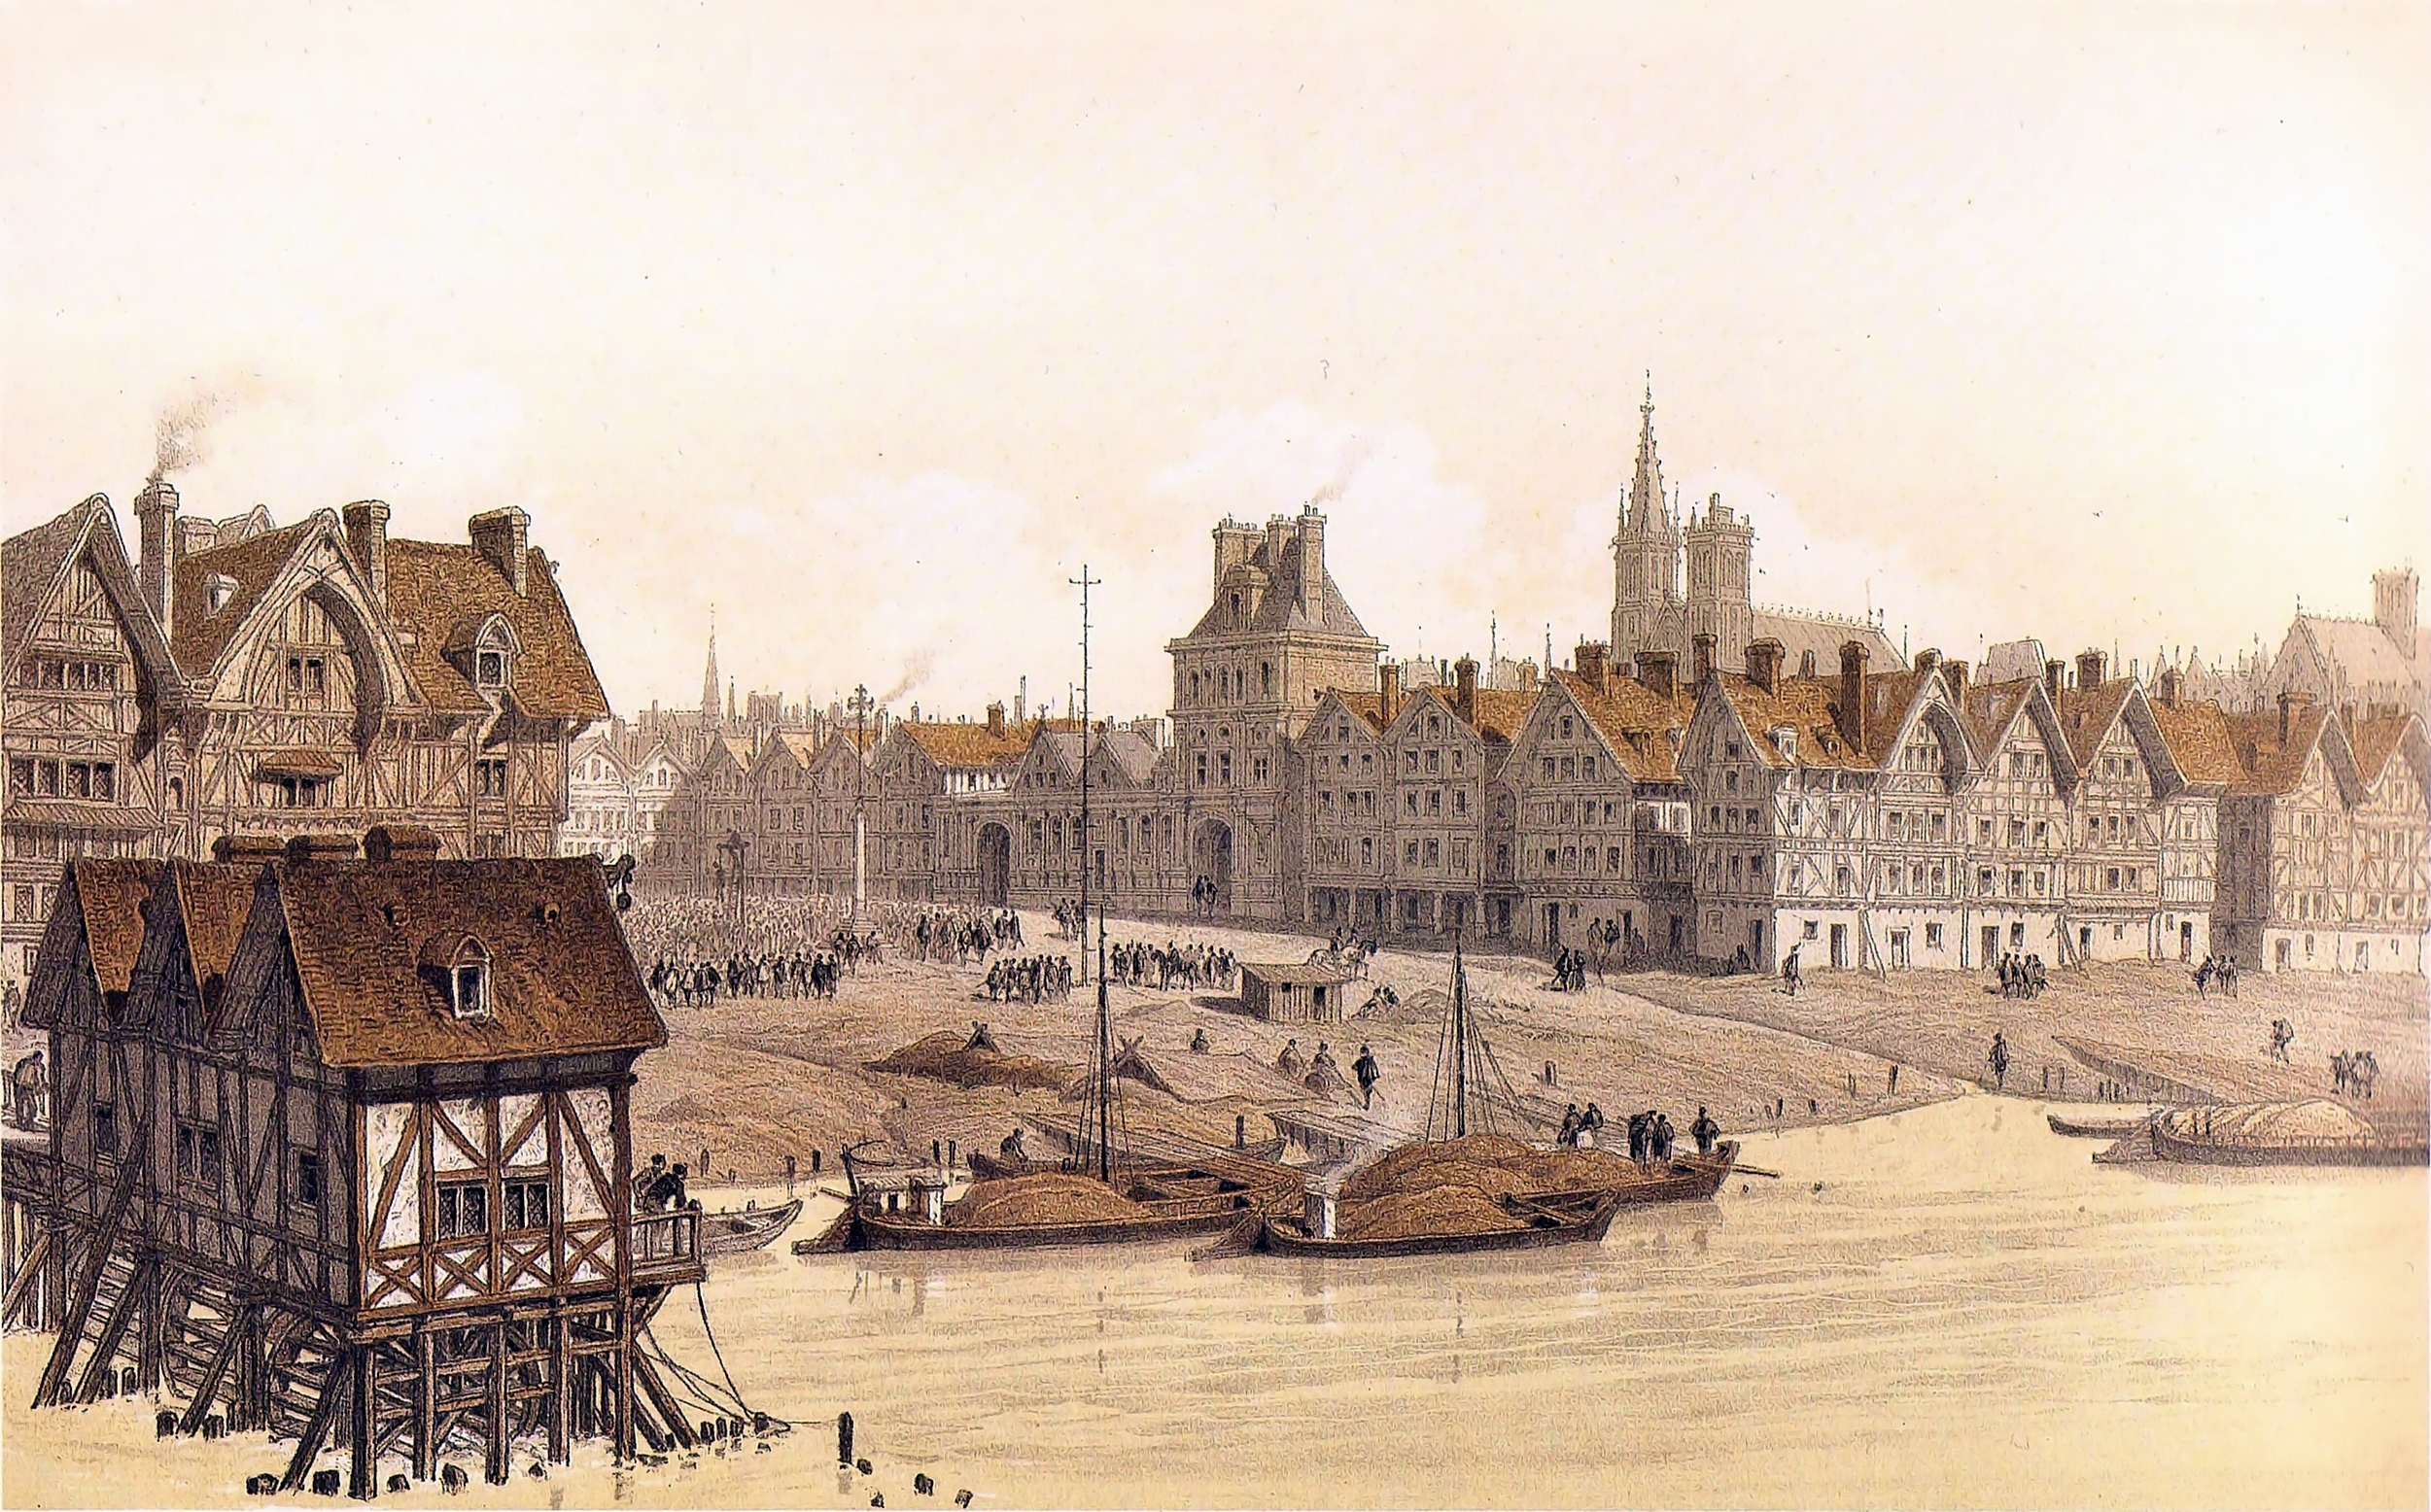 https://upload.wikimedia.org/wikipedia/commons/e/ea/Hotel_de_Ville_Paris_Hoffbauer_1583.jpg